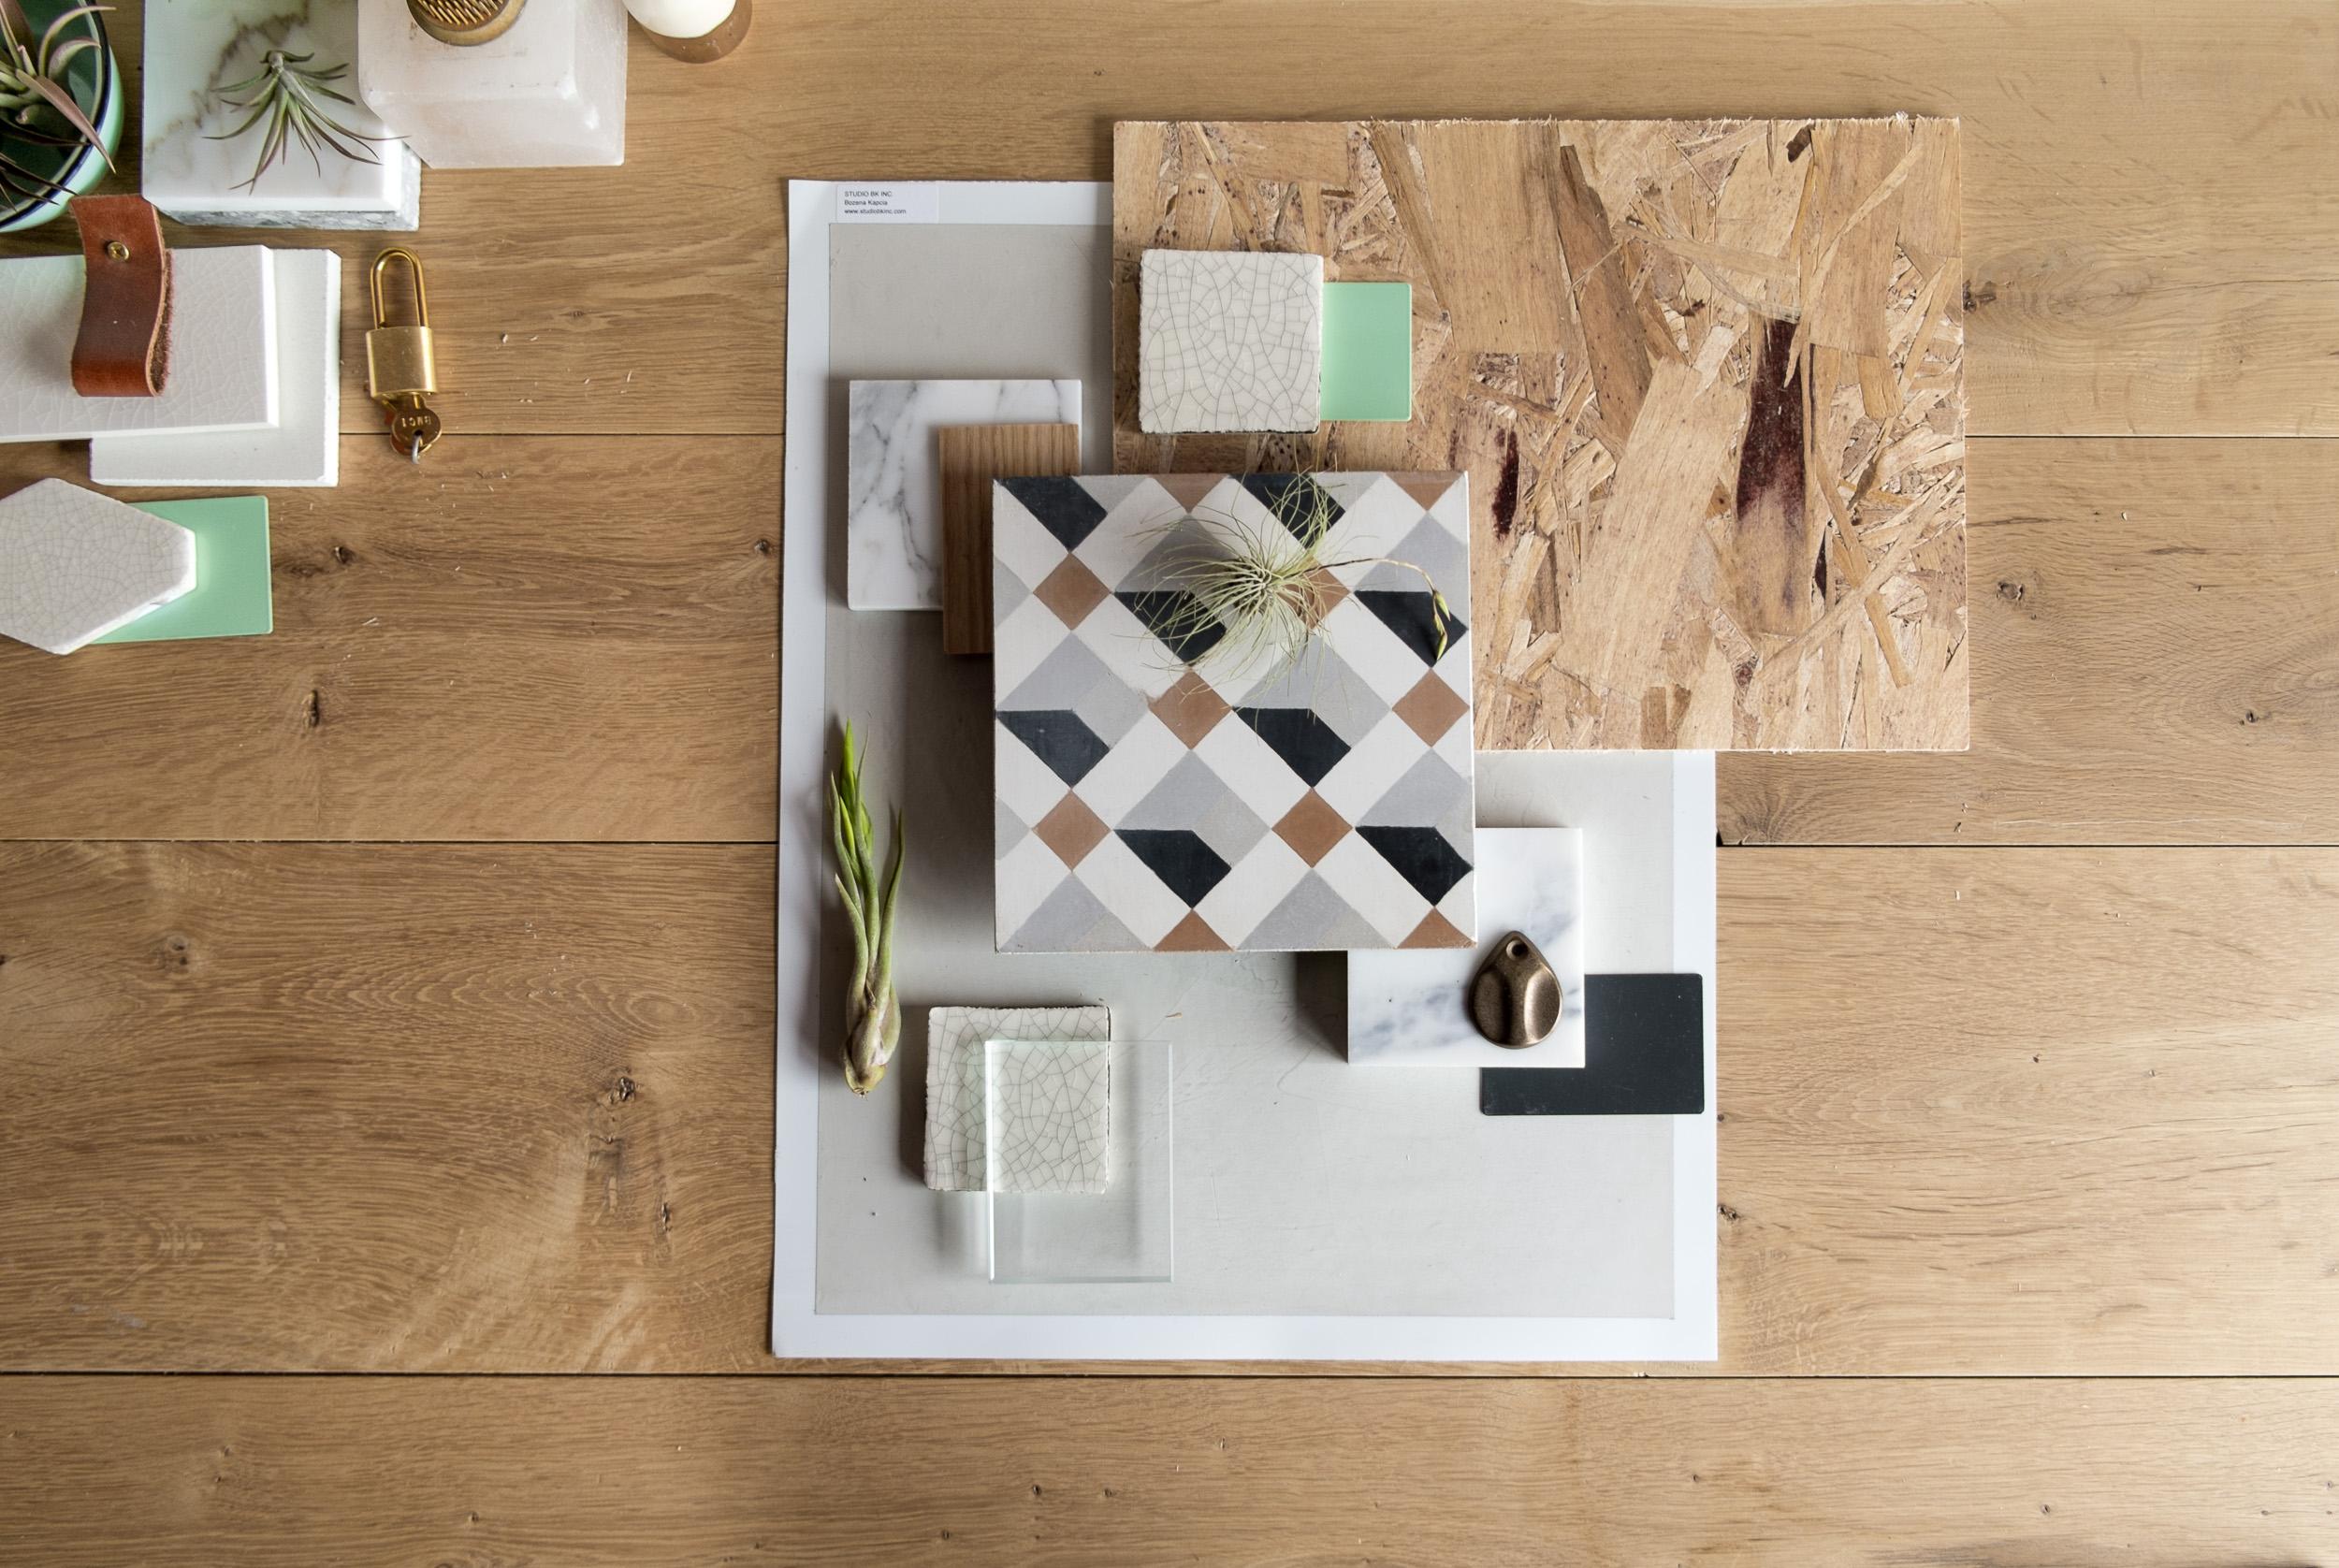 hoernig_katrina_curioso_interior_prop_designer_stylist_chicago2.jpg